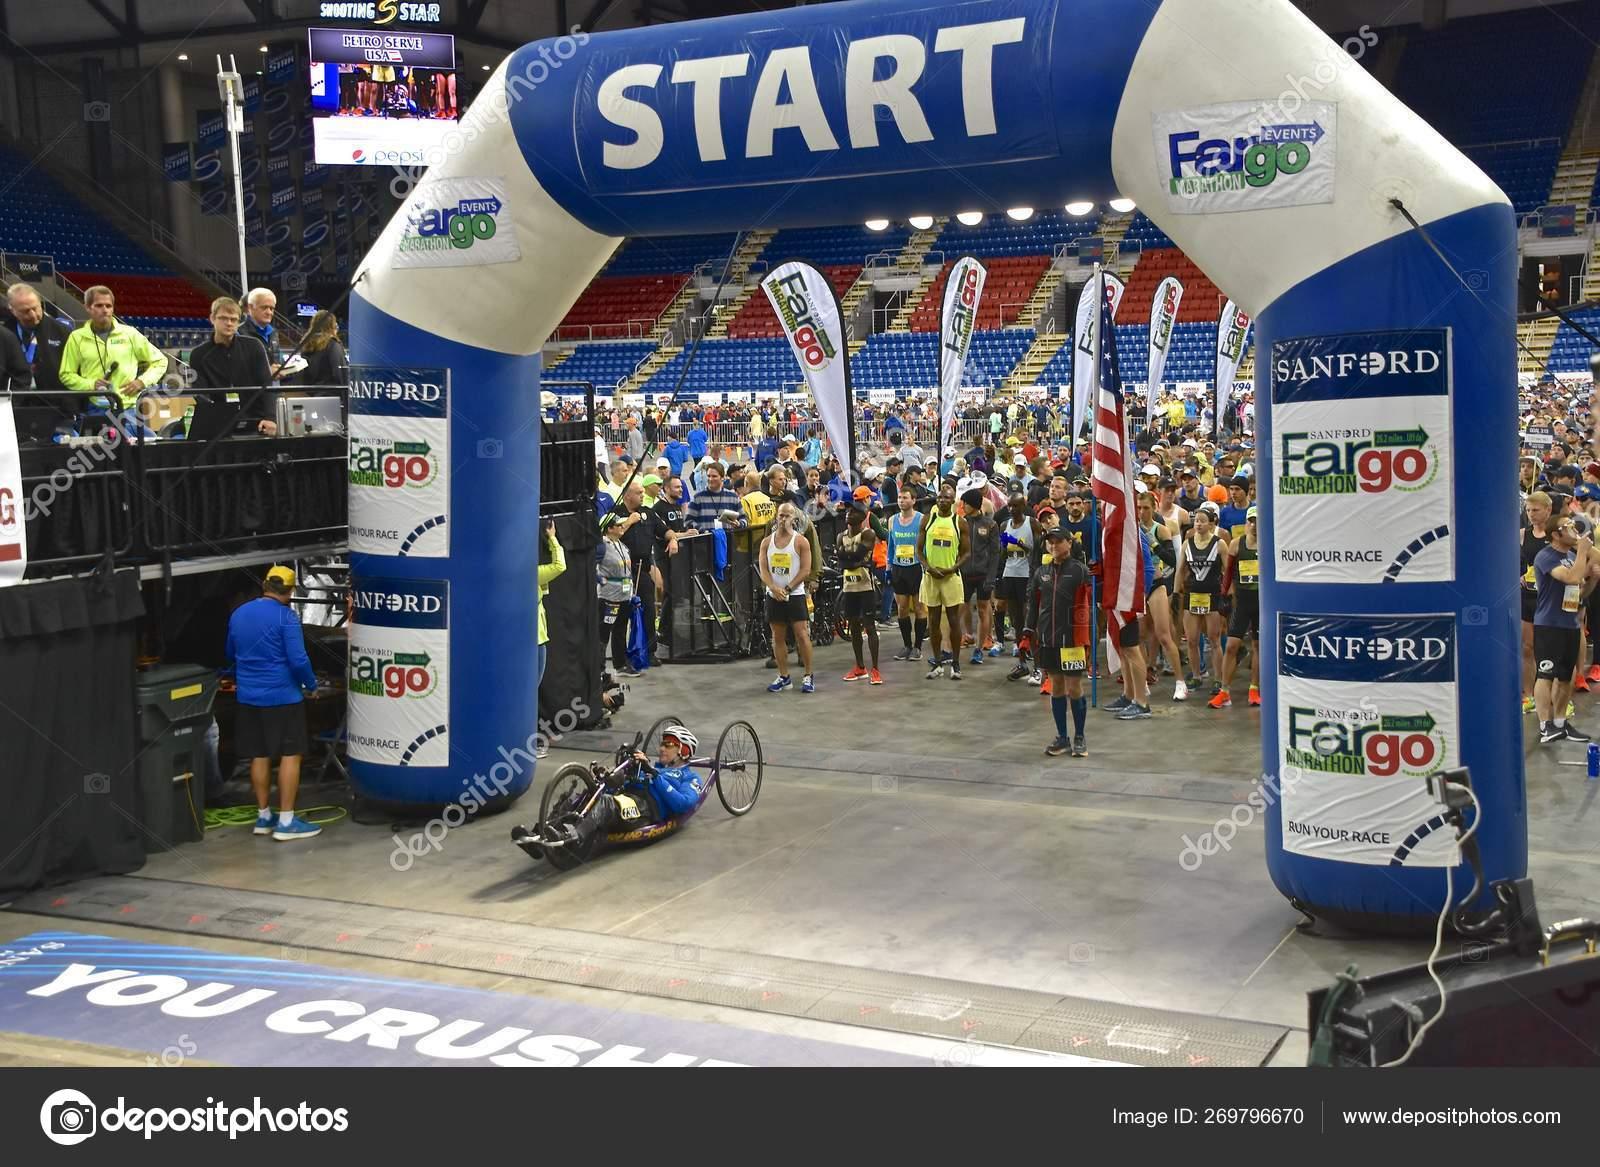 Fargo North Dakota May 2019 Marathoners Starting Line Annual